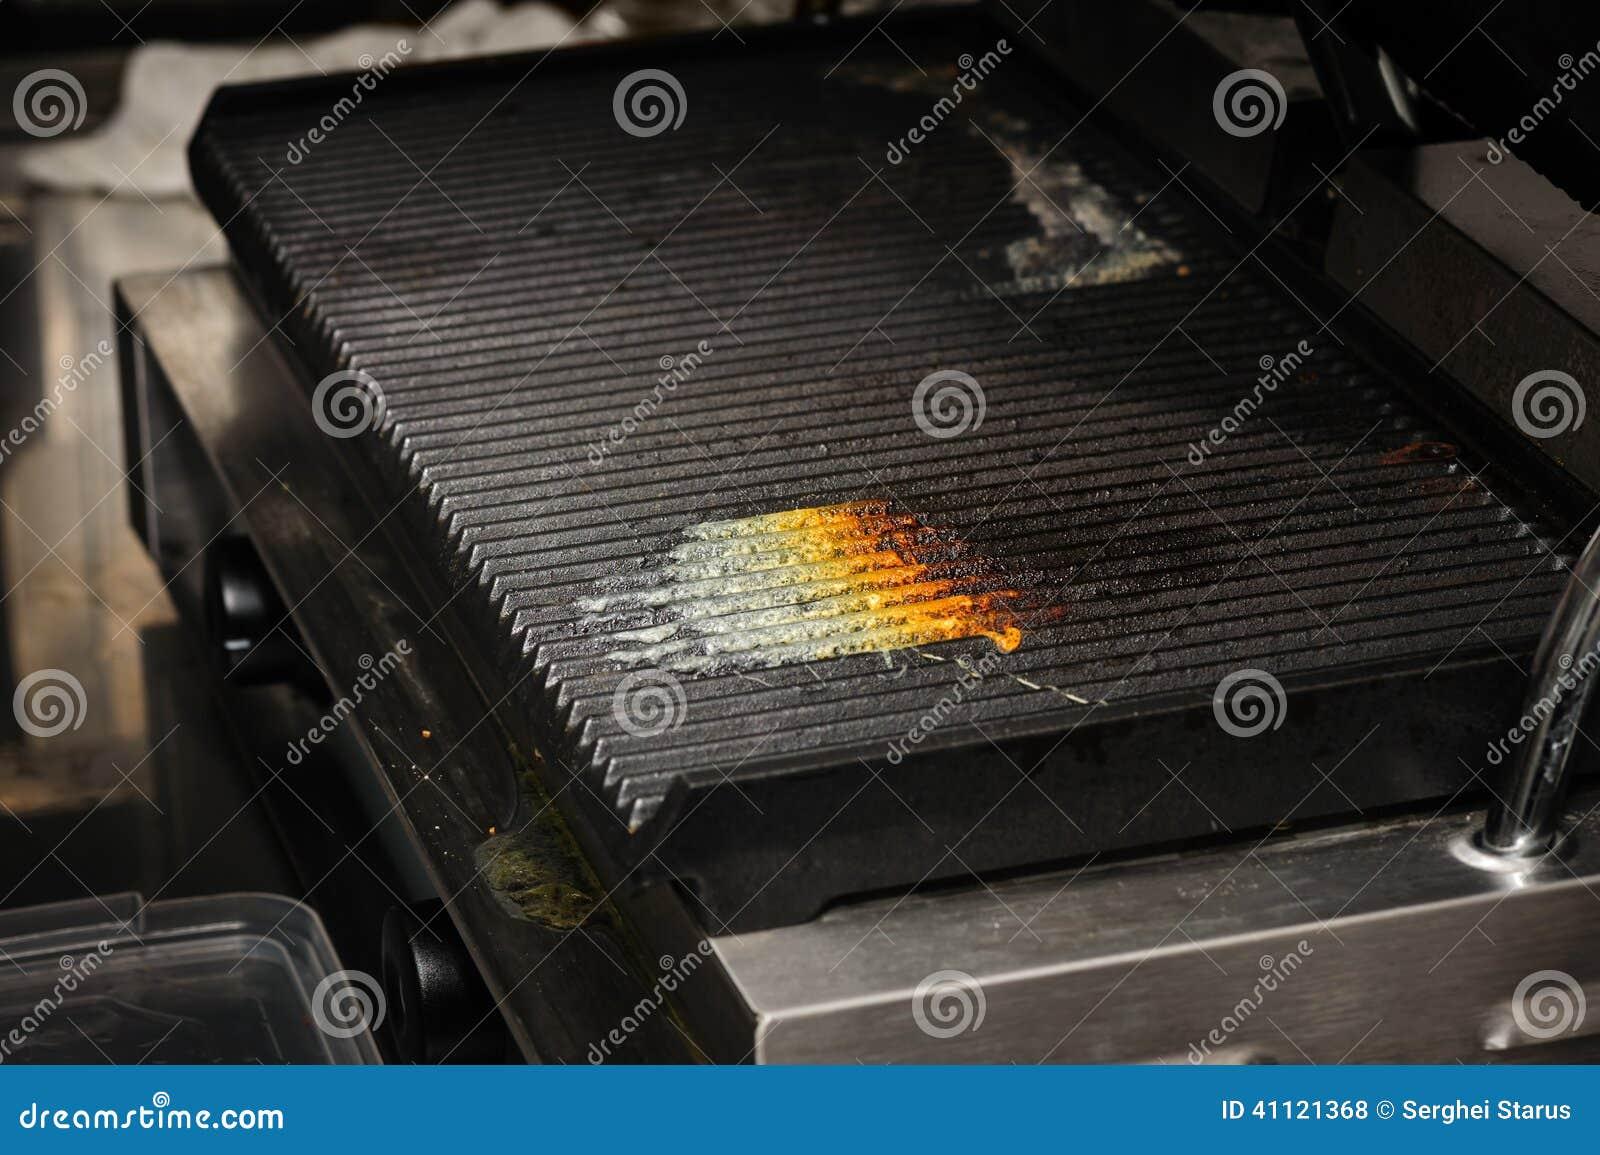 Schmutziger Kuchengrill Stockfoto Bild Von Heiss Unordentlich